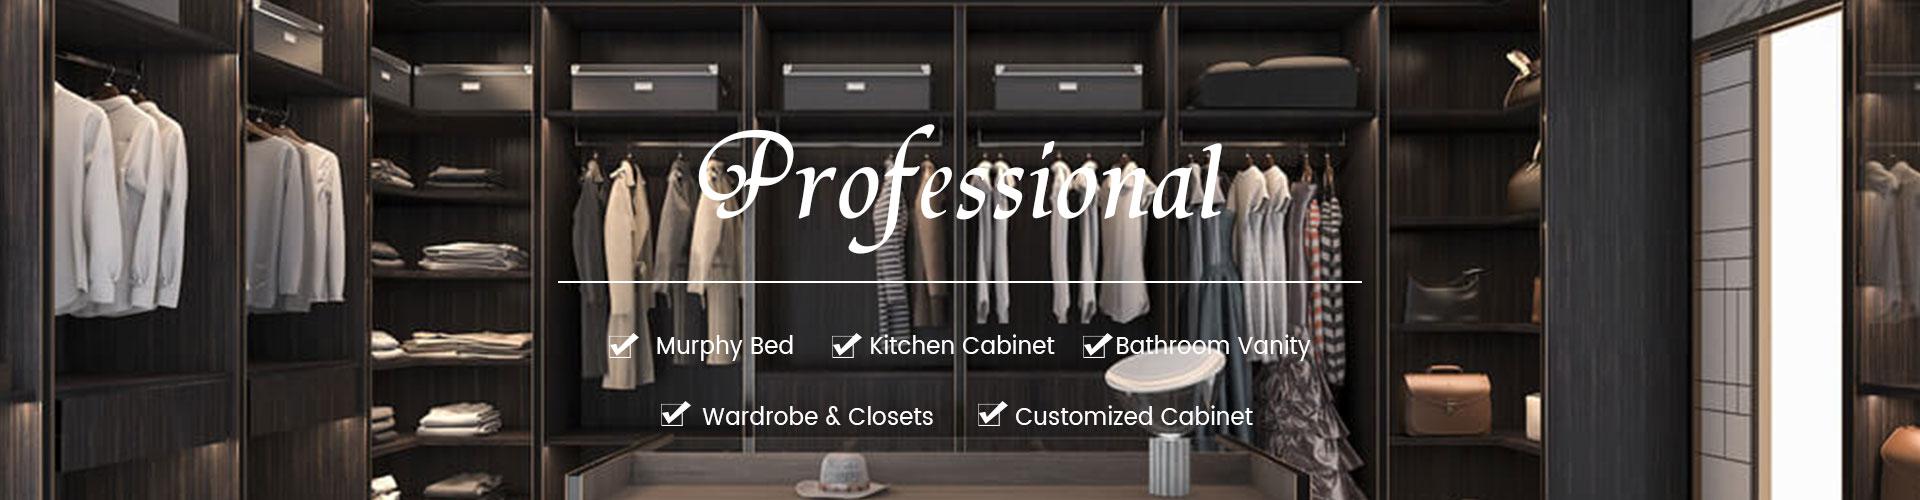 Wardrobe & Closets